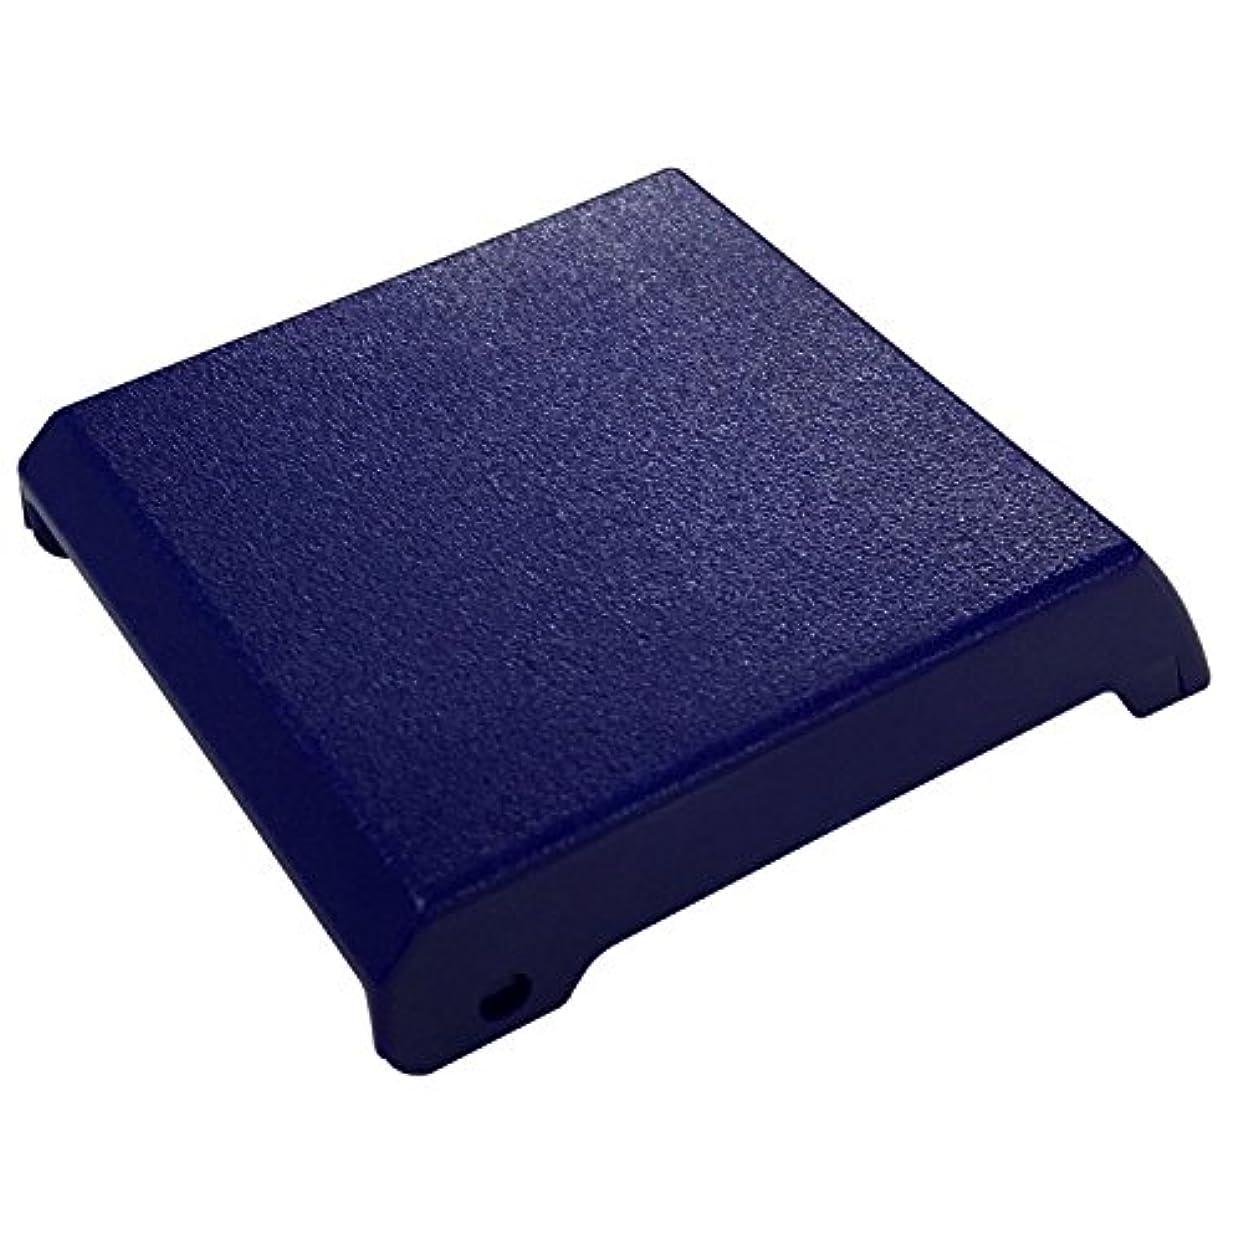 広範囲に取り替えるコードレスAstage(アステージ) クーラーアブゼロ用バックル #20用 ブルー